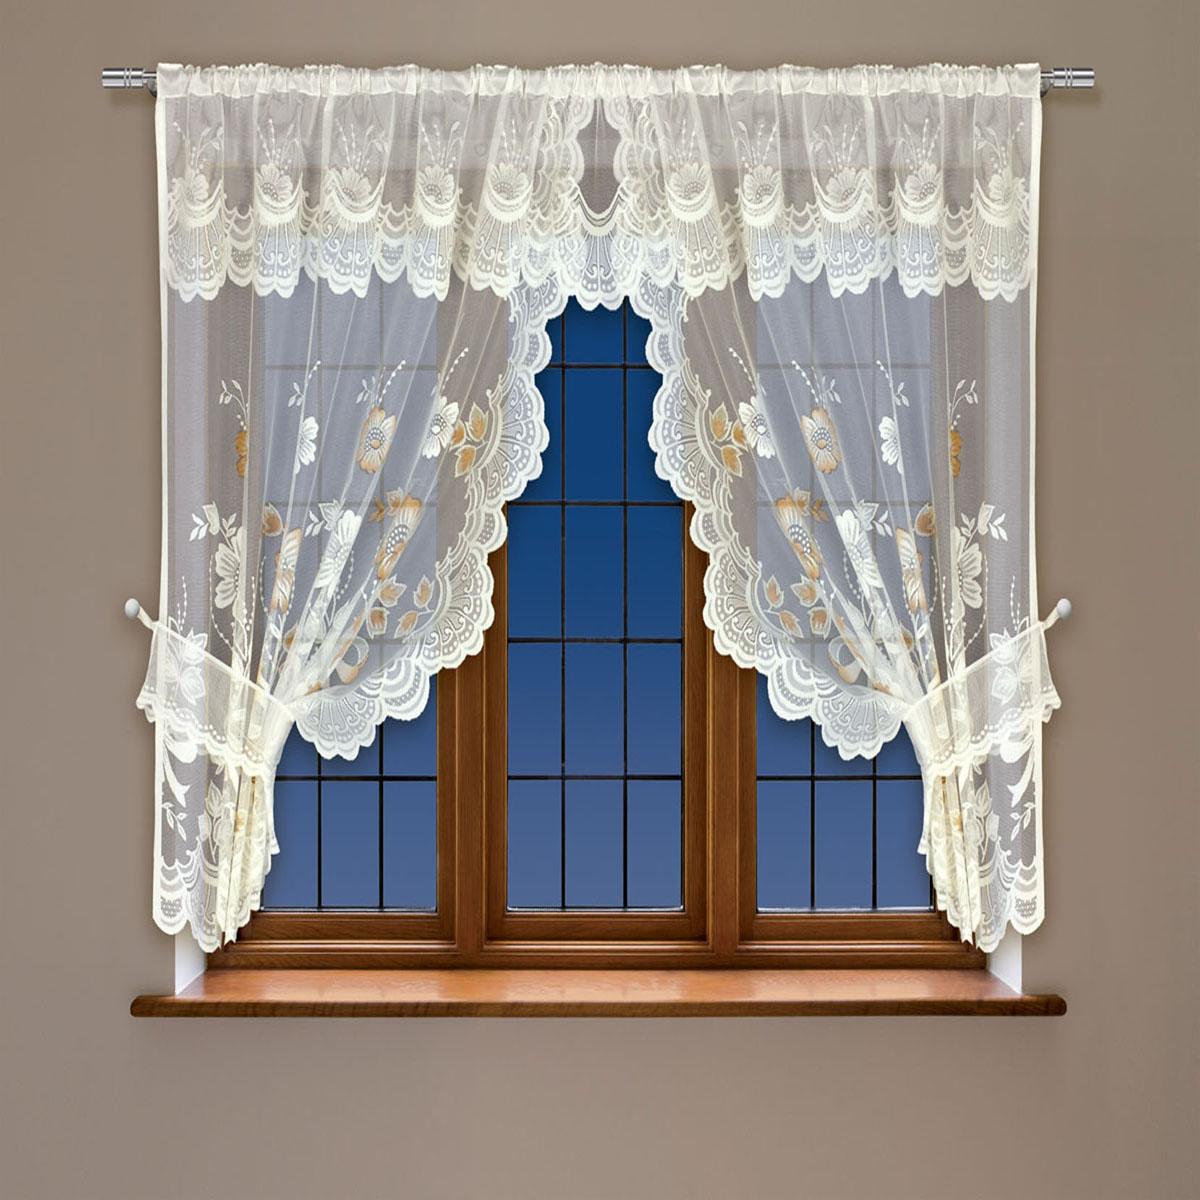 Гардина Haft, на кулиске, цвет: кремовый, высота 91 см. 202561202561/91 кремВоздушная гардина Haft, выполненная из полиэстера, великолепно украсит любое окно.Изделие имеет оригинальный дизайн и органично впишется в интерьер помещения.Гардина крепится на карниз при помощи кулиски.